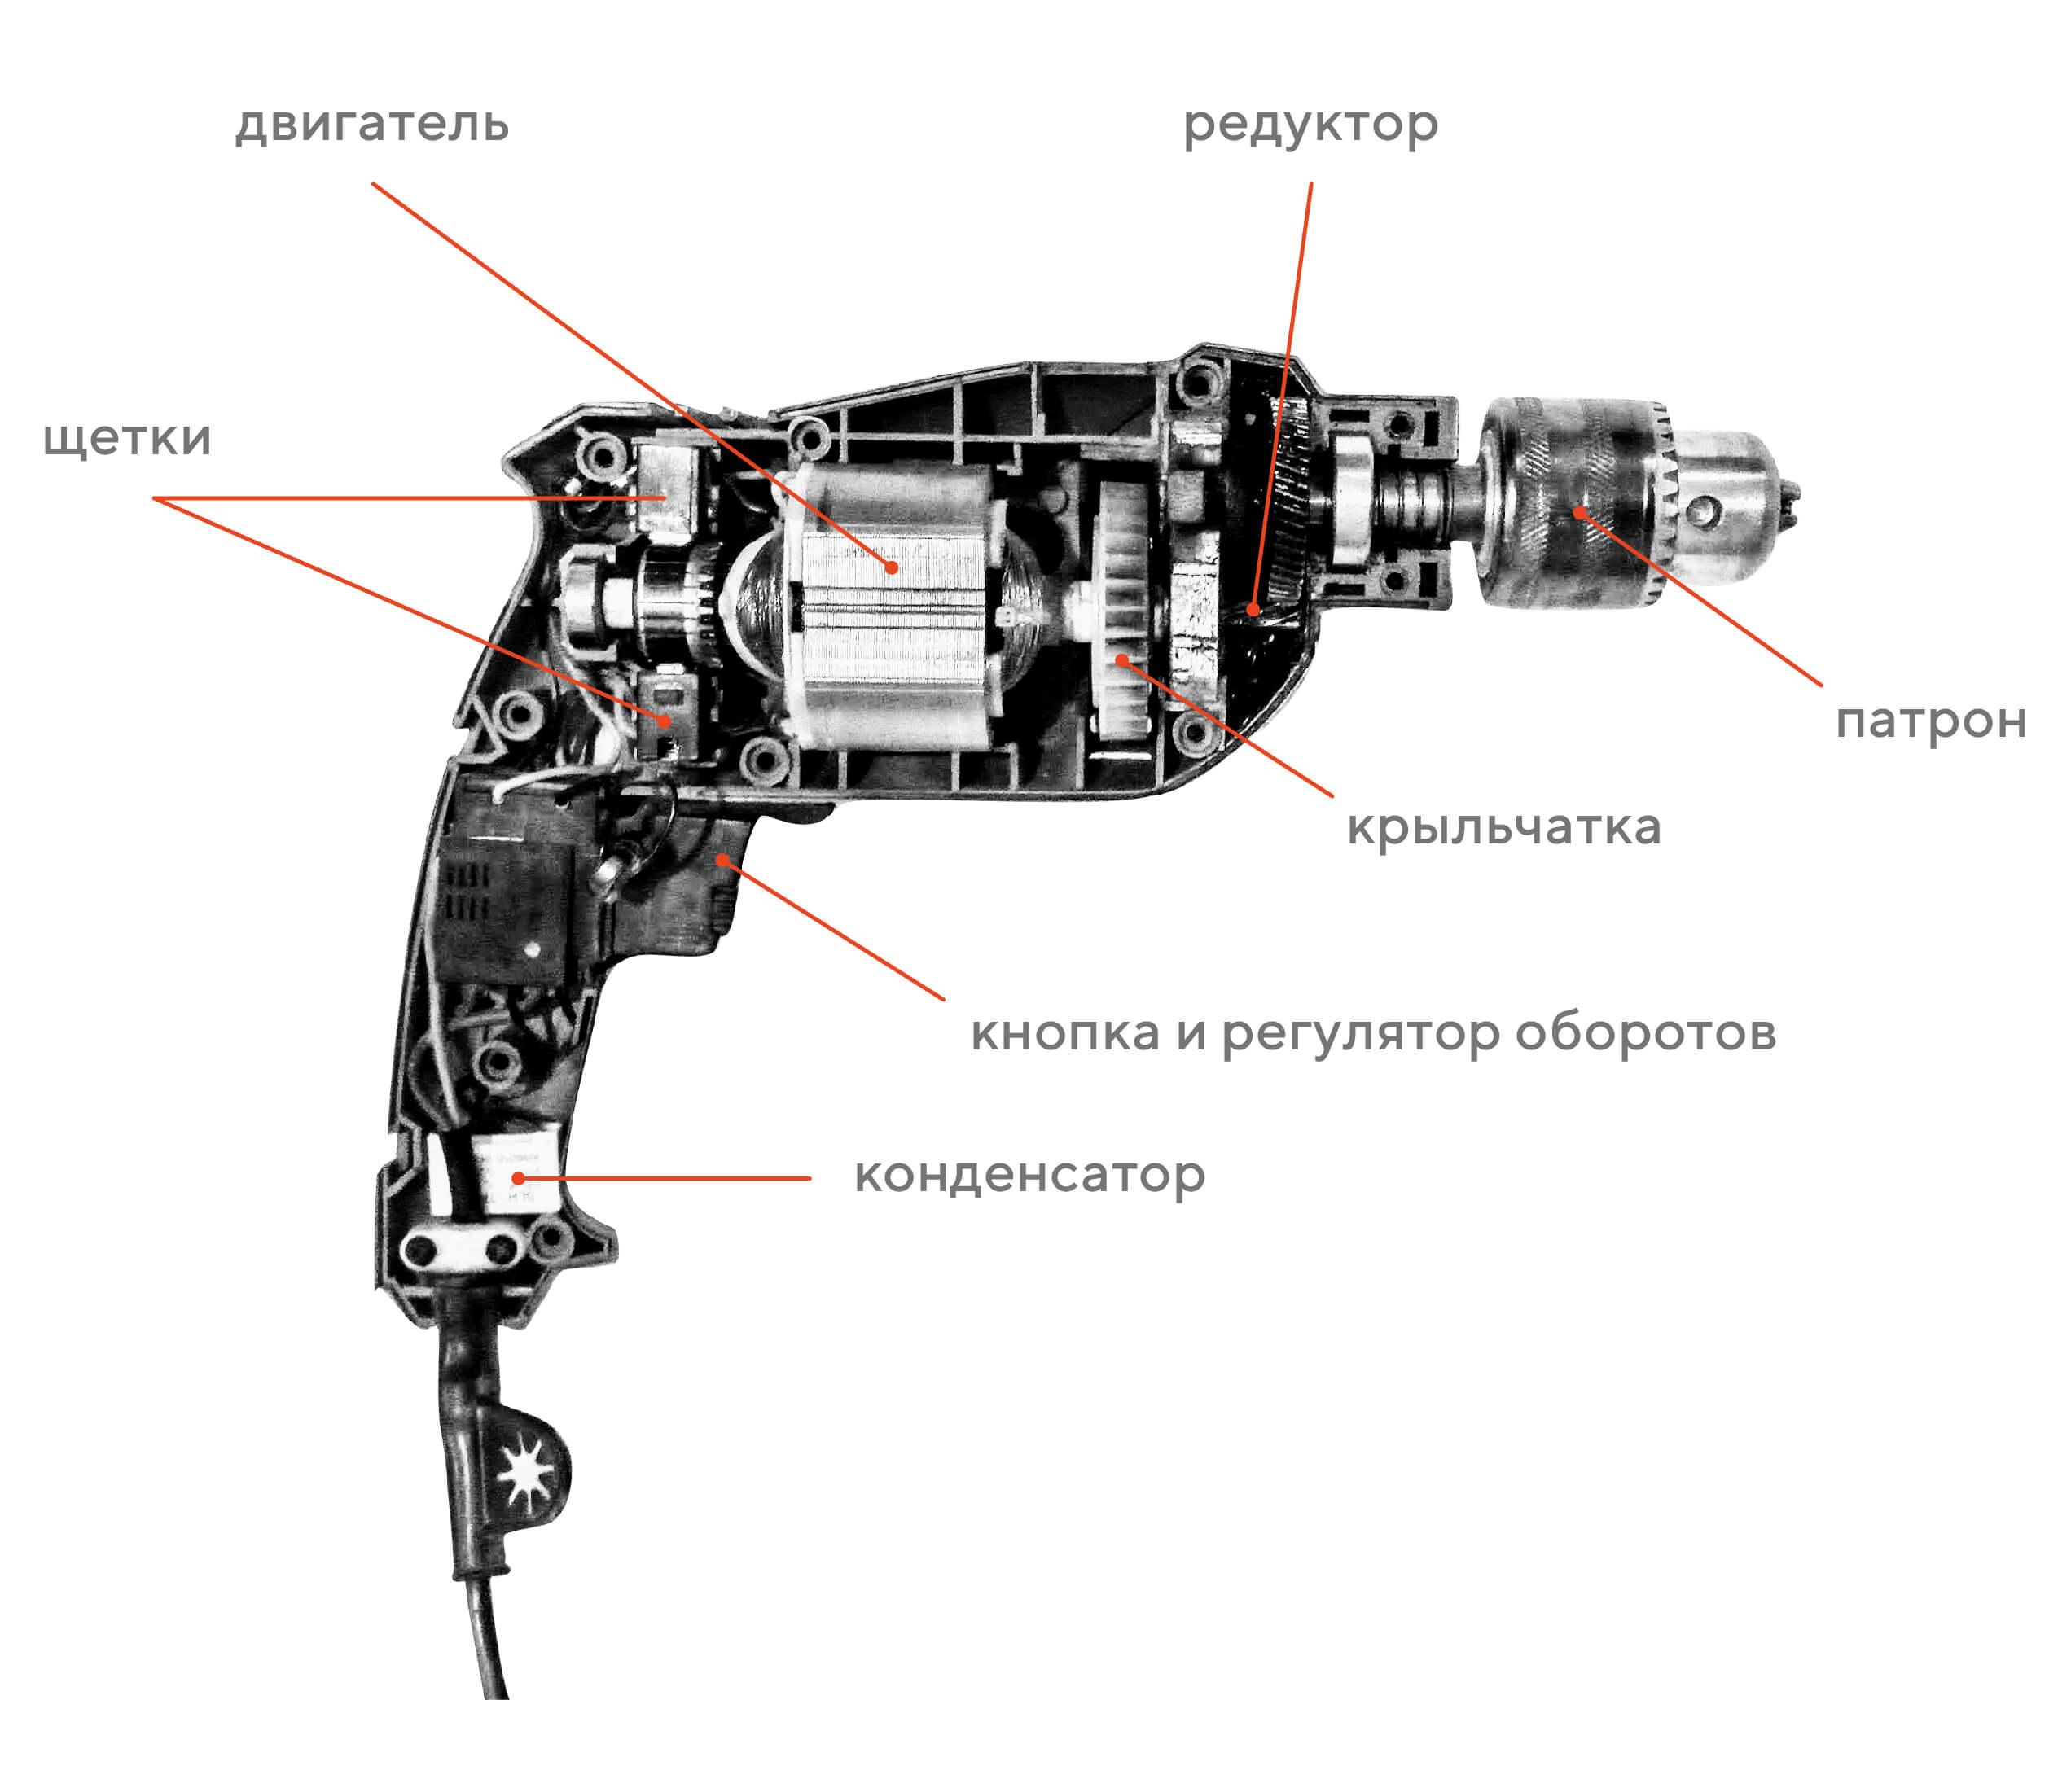 Как выбрать электрическую дрель, чем она отличается от перфоратора